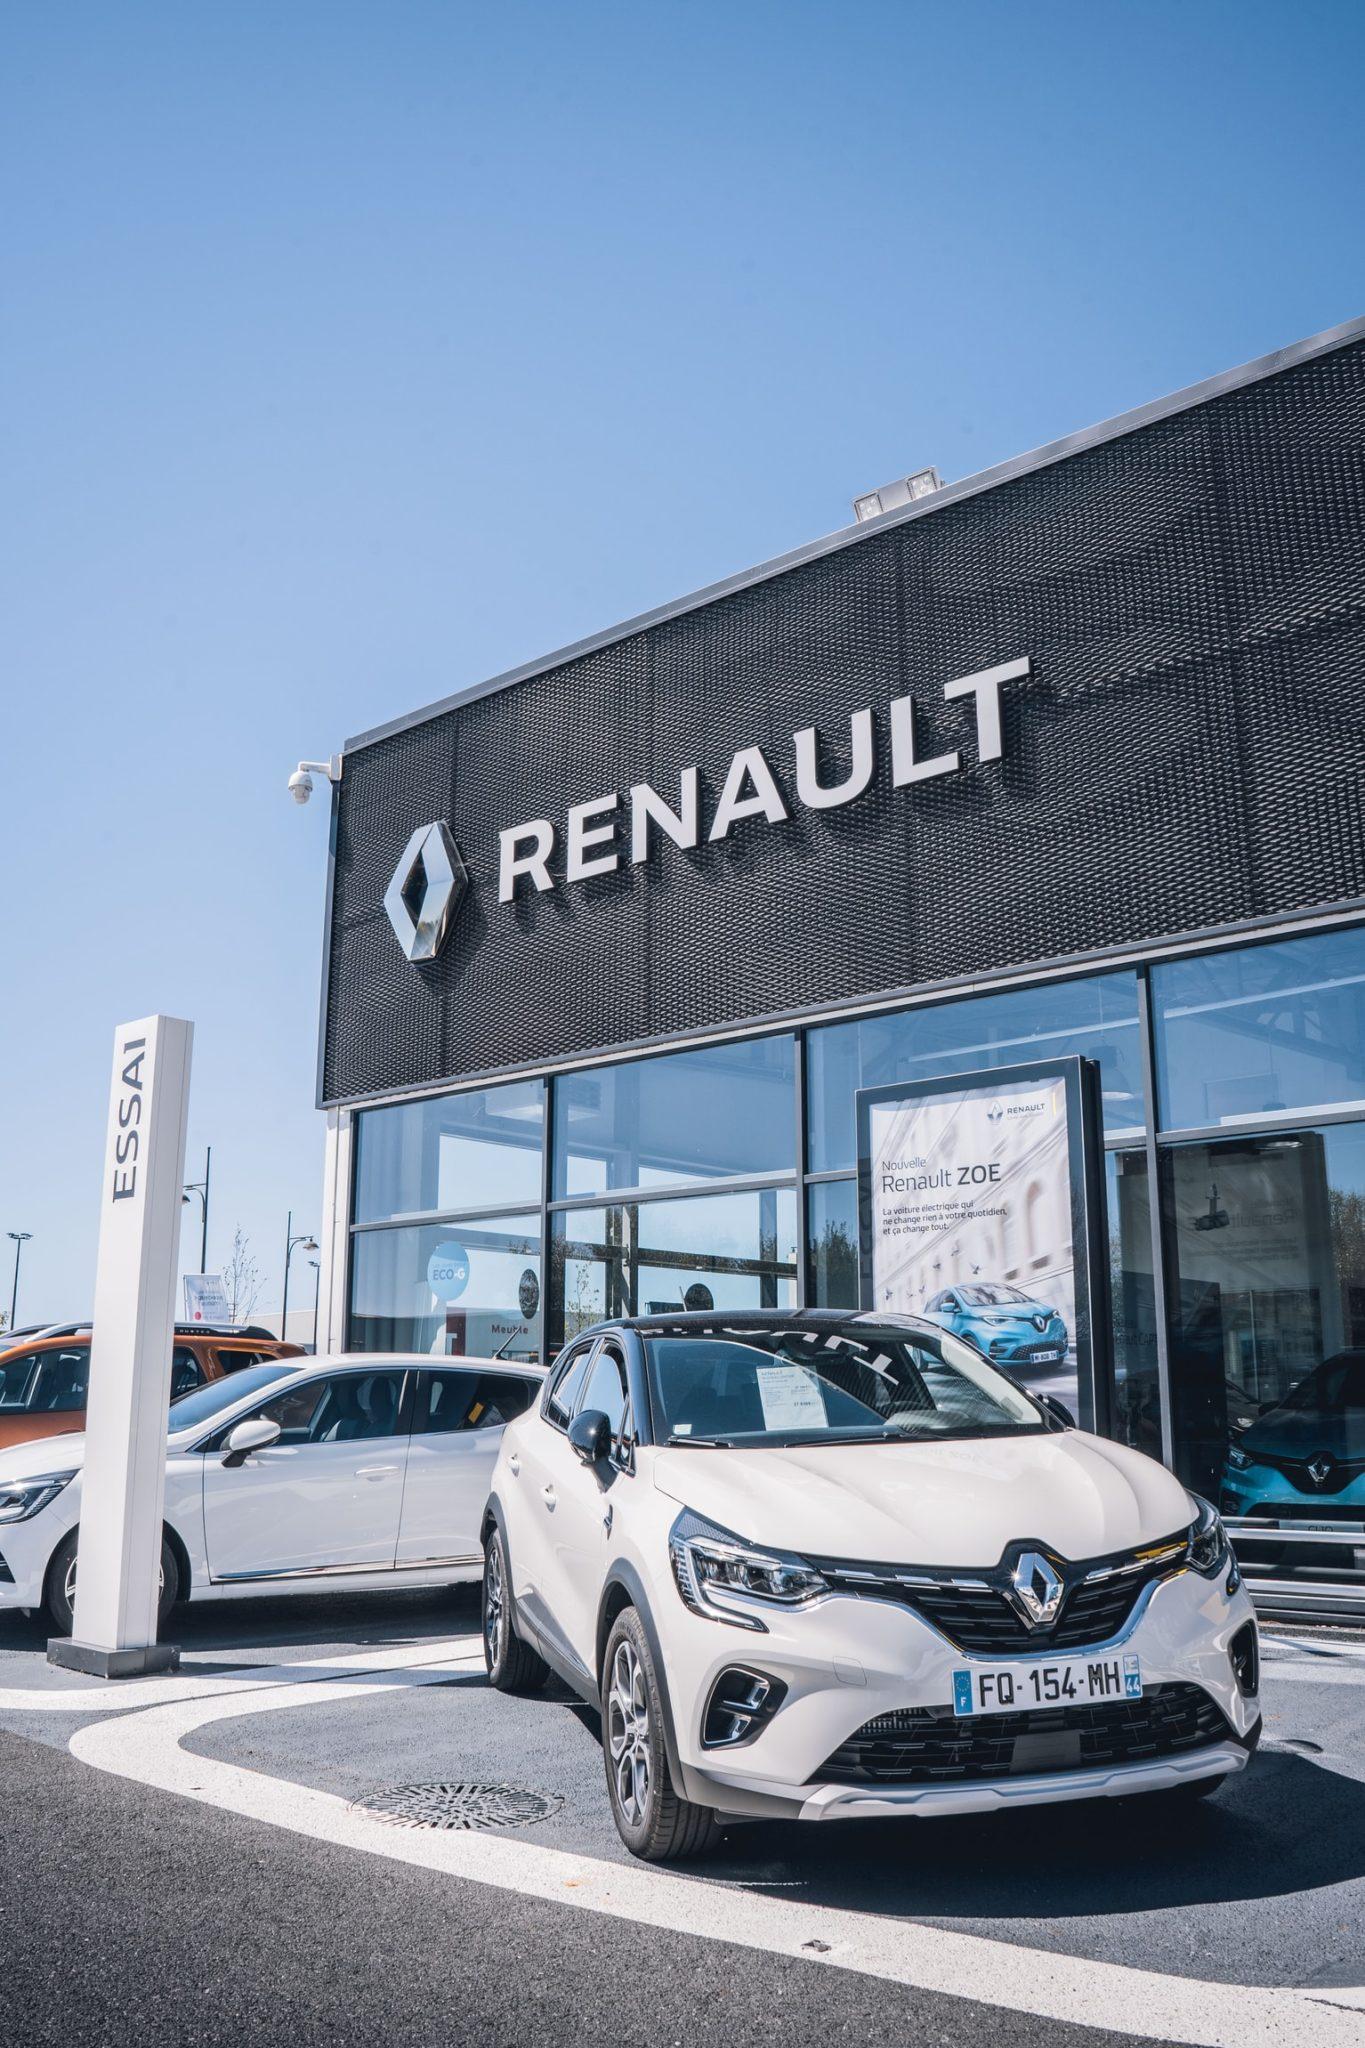 Megválik jól ismert emblémájától a Renault